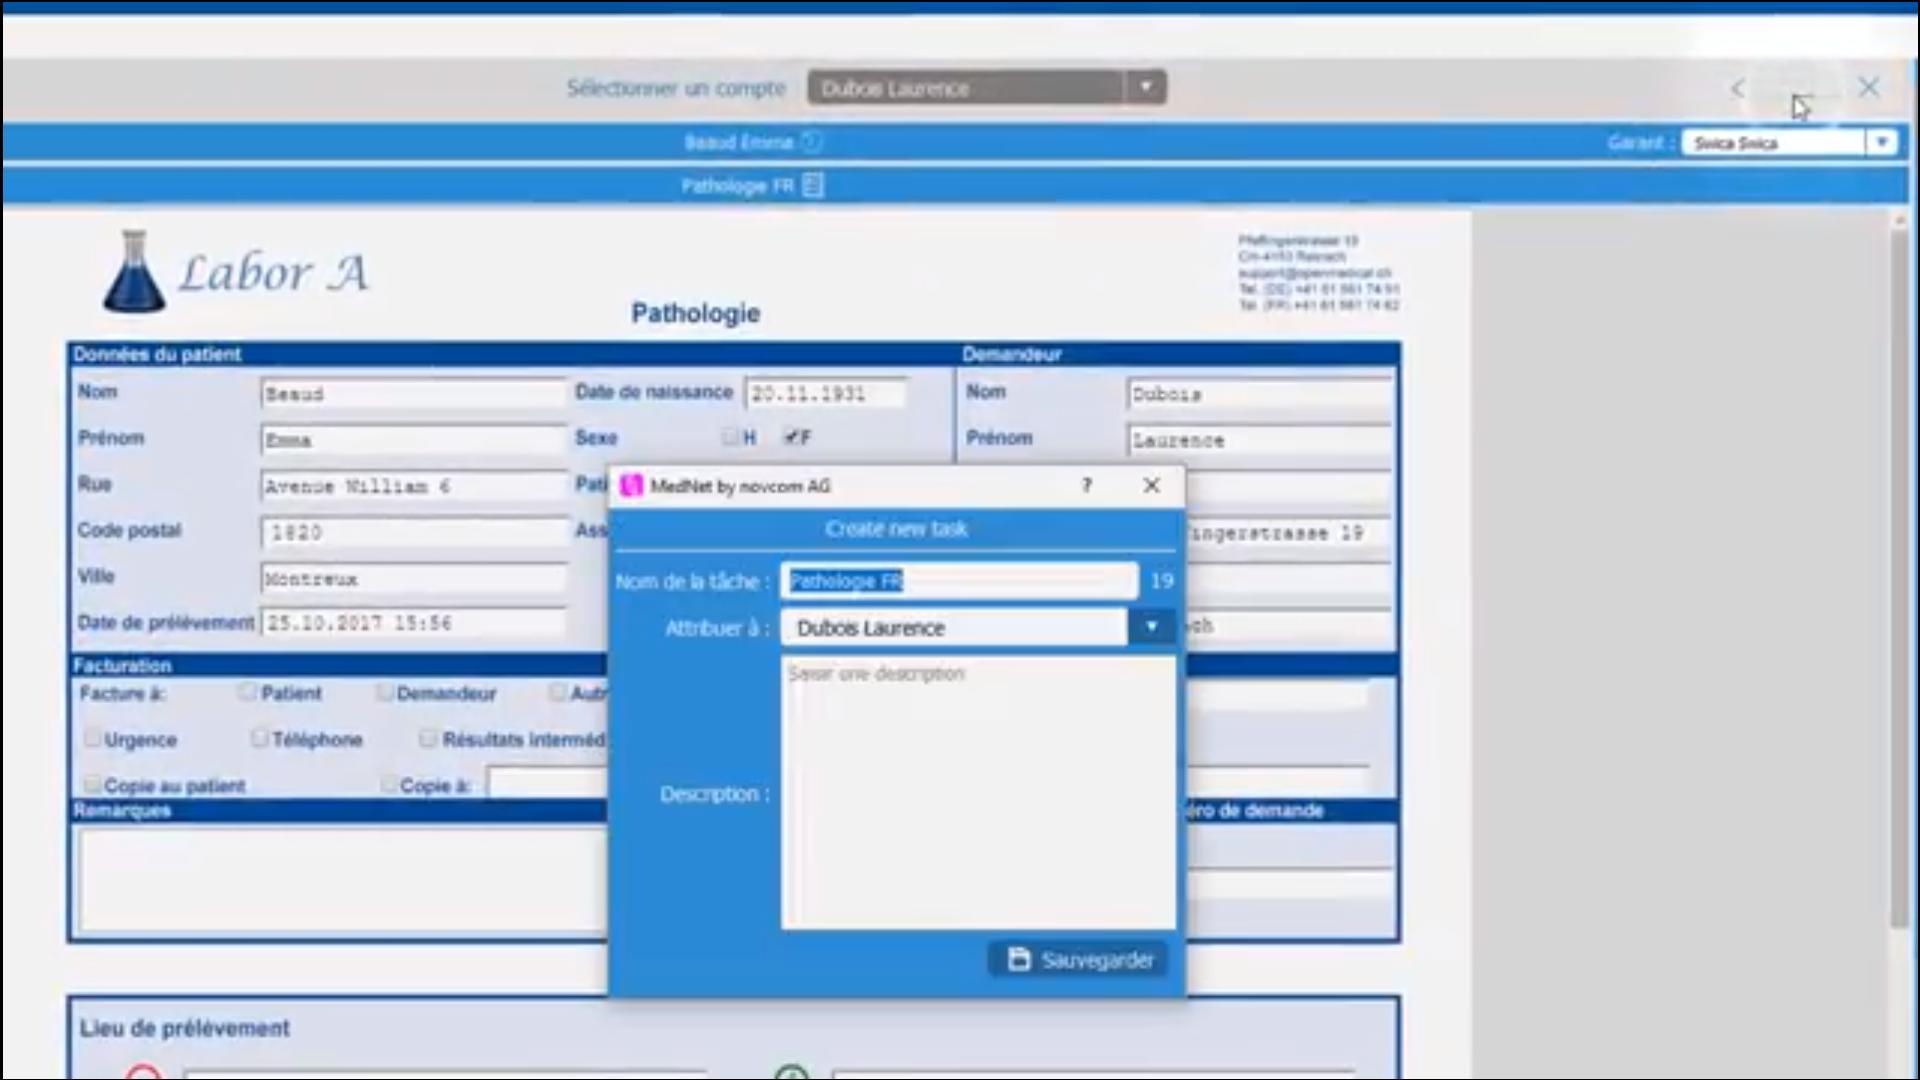 iMednet patient samples